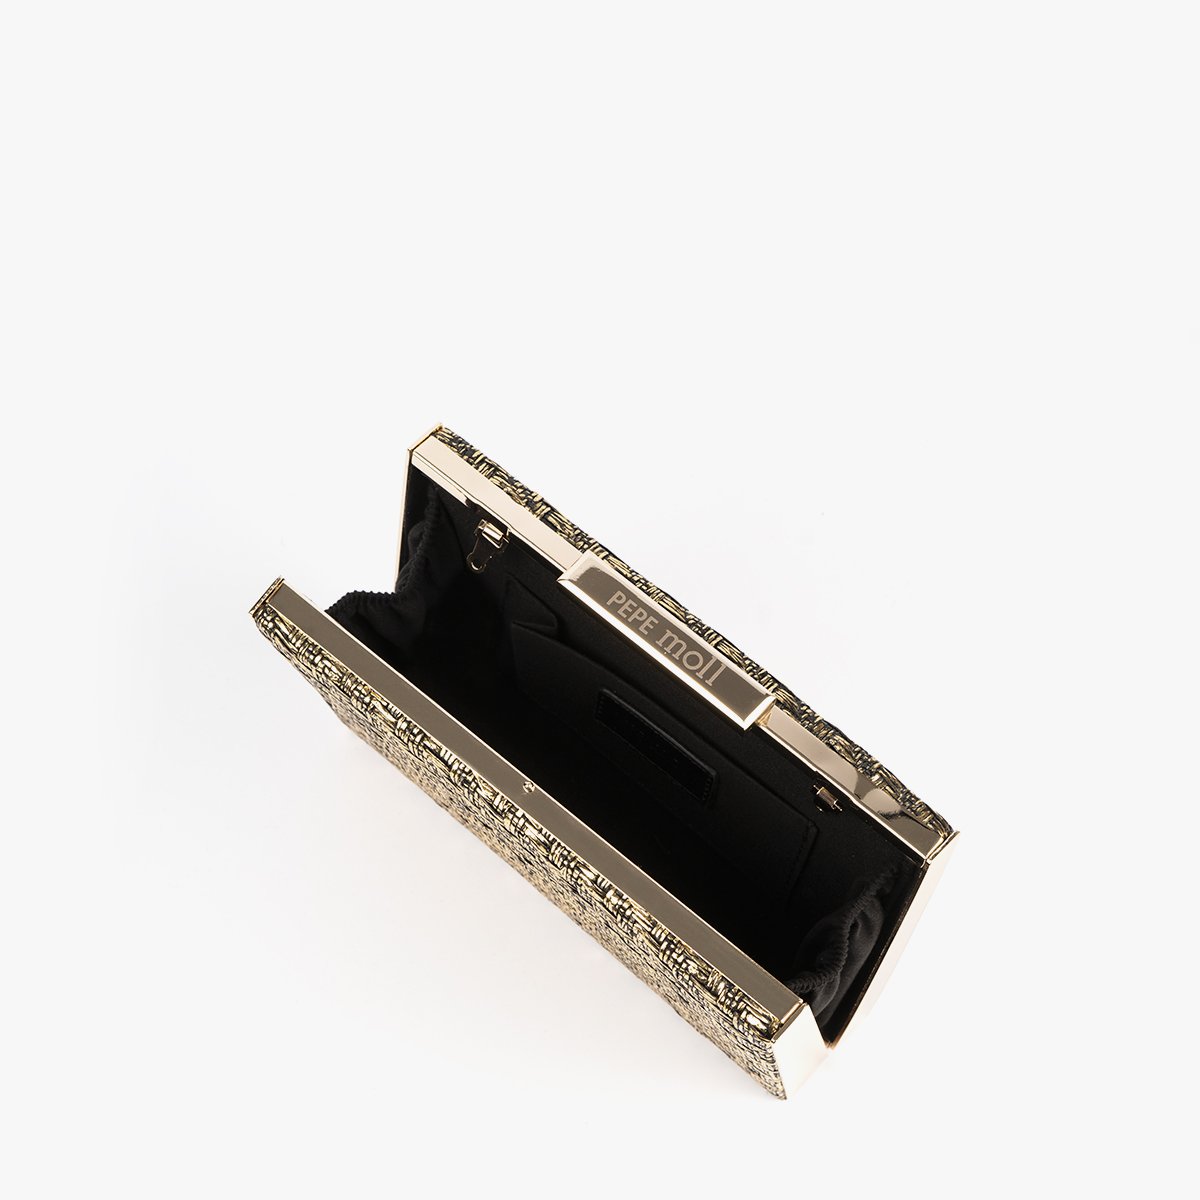 61030 bolso de mano dorado pepemoll perfil